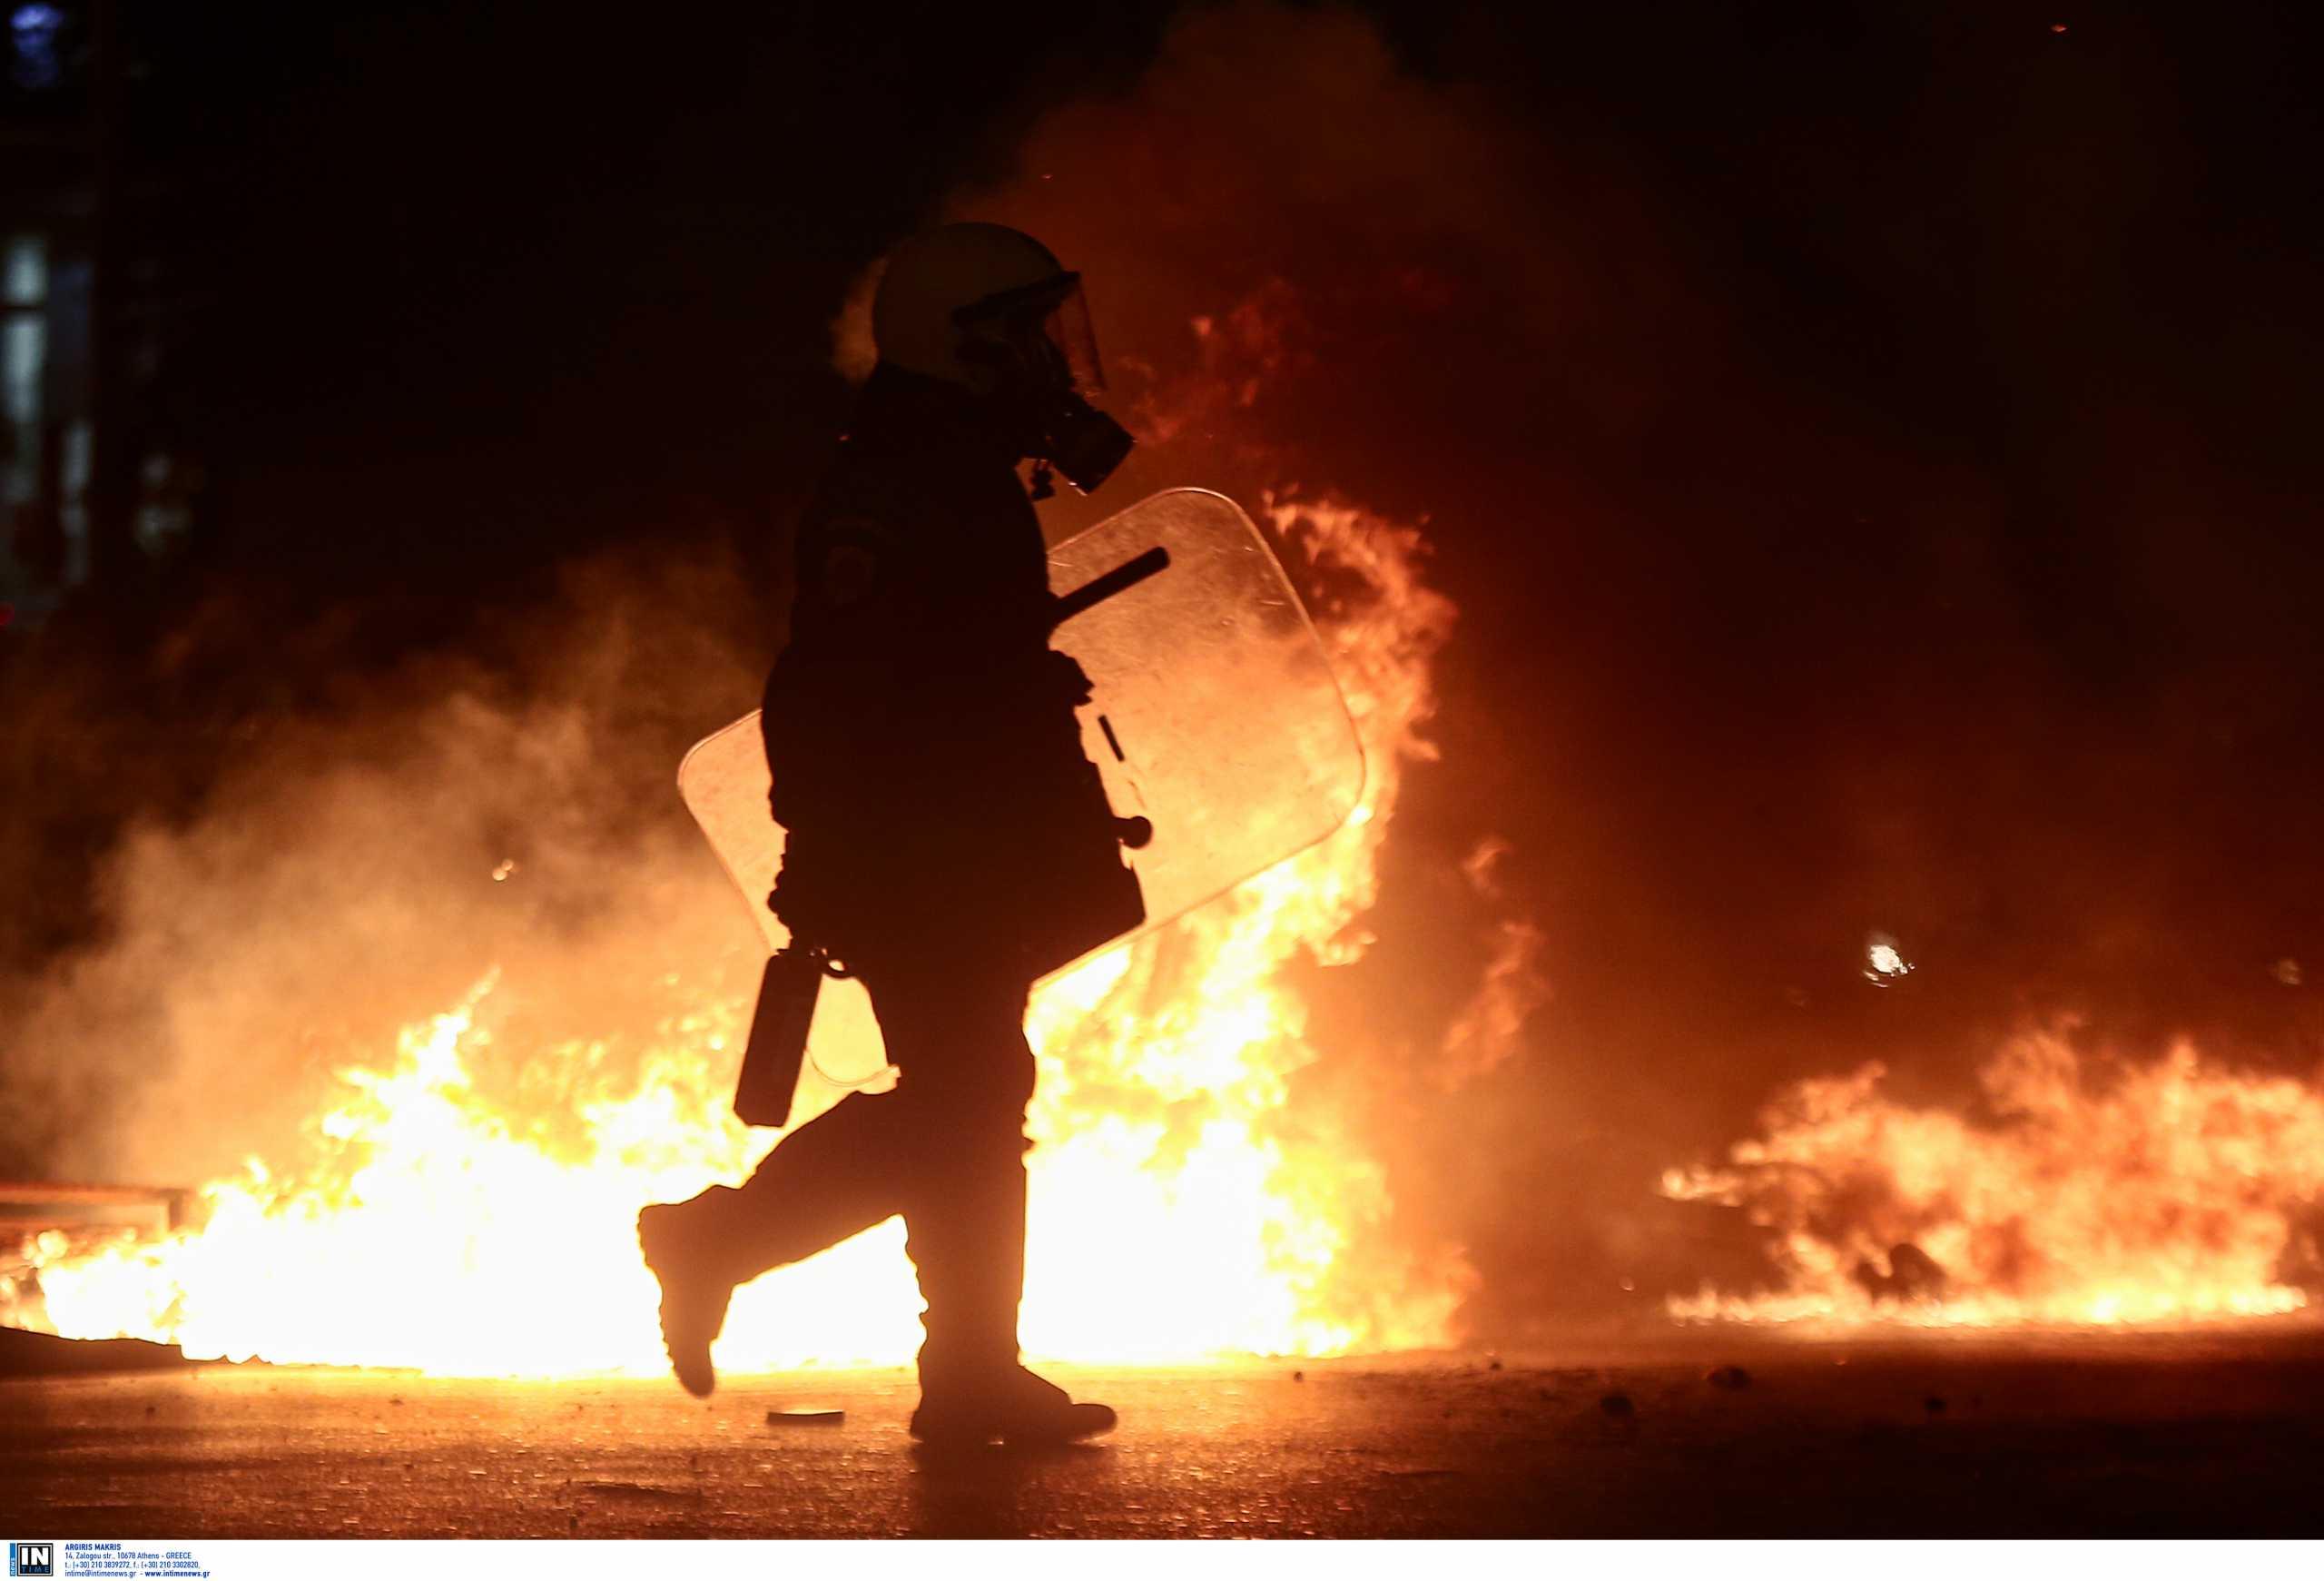 Νέα Σμύρνη: Ηχητικά ντοκουμέντα με τους δραματικούς διαλόγους των αστυνομικών